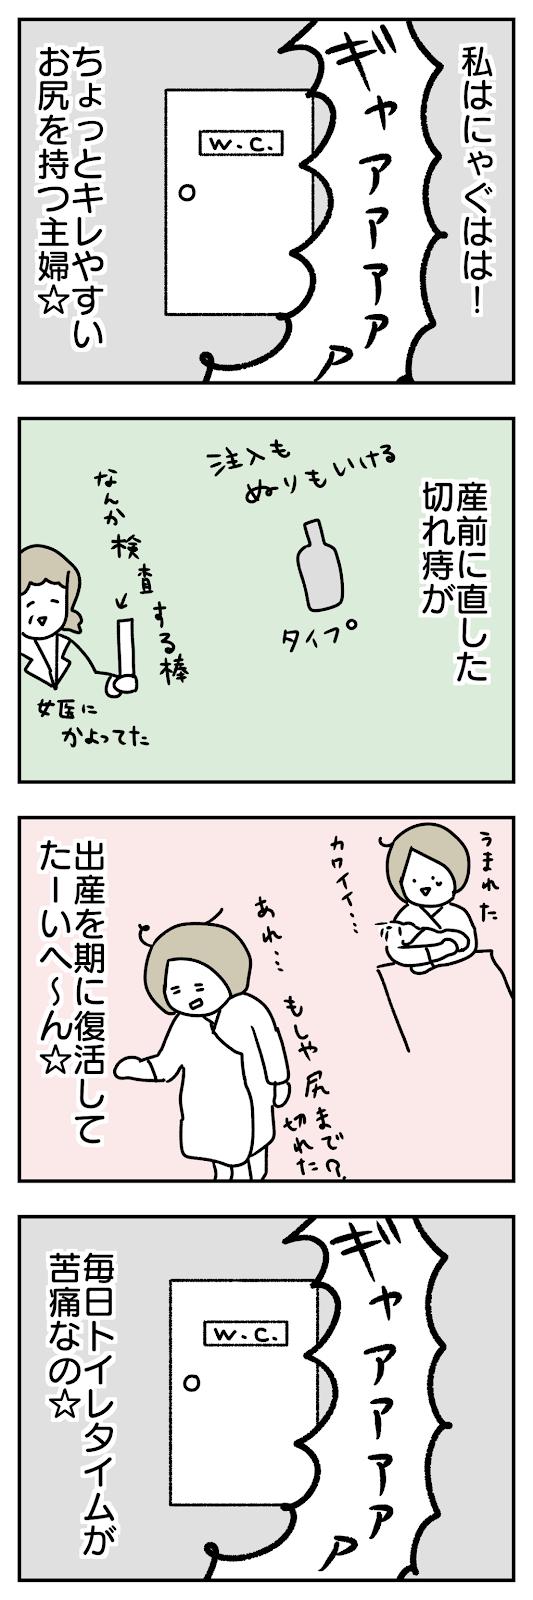 切れ痔を直して挑んだお産で切れ痔復活!産後の切れ痔に悩まされる漫画